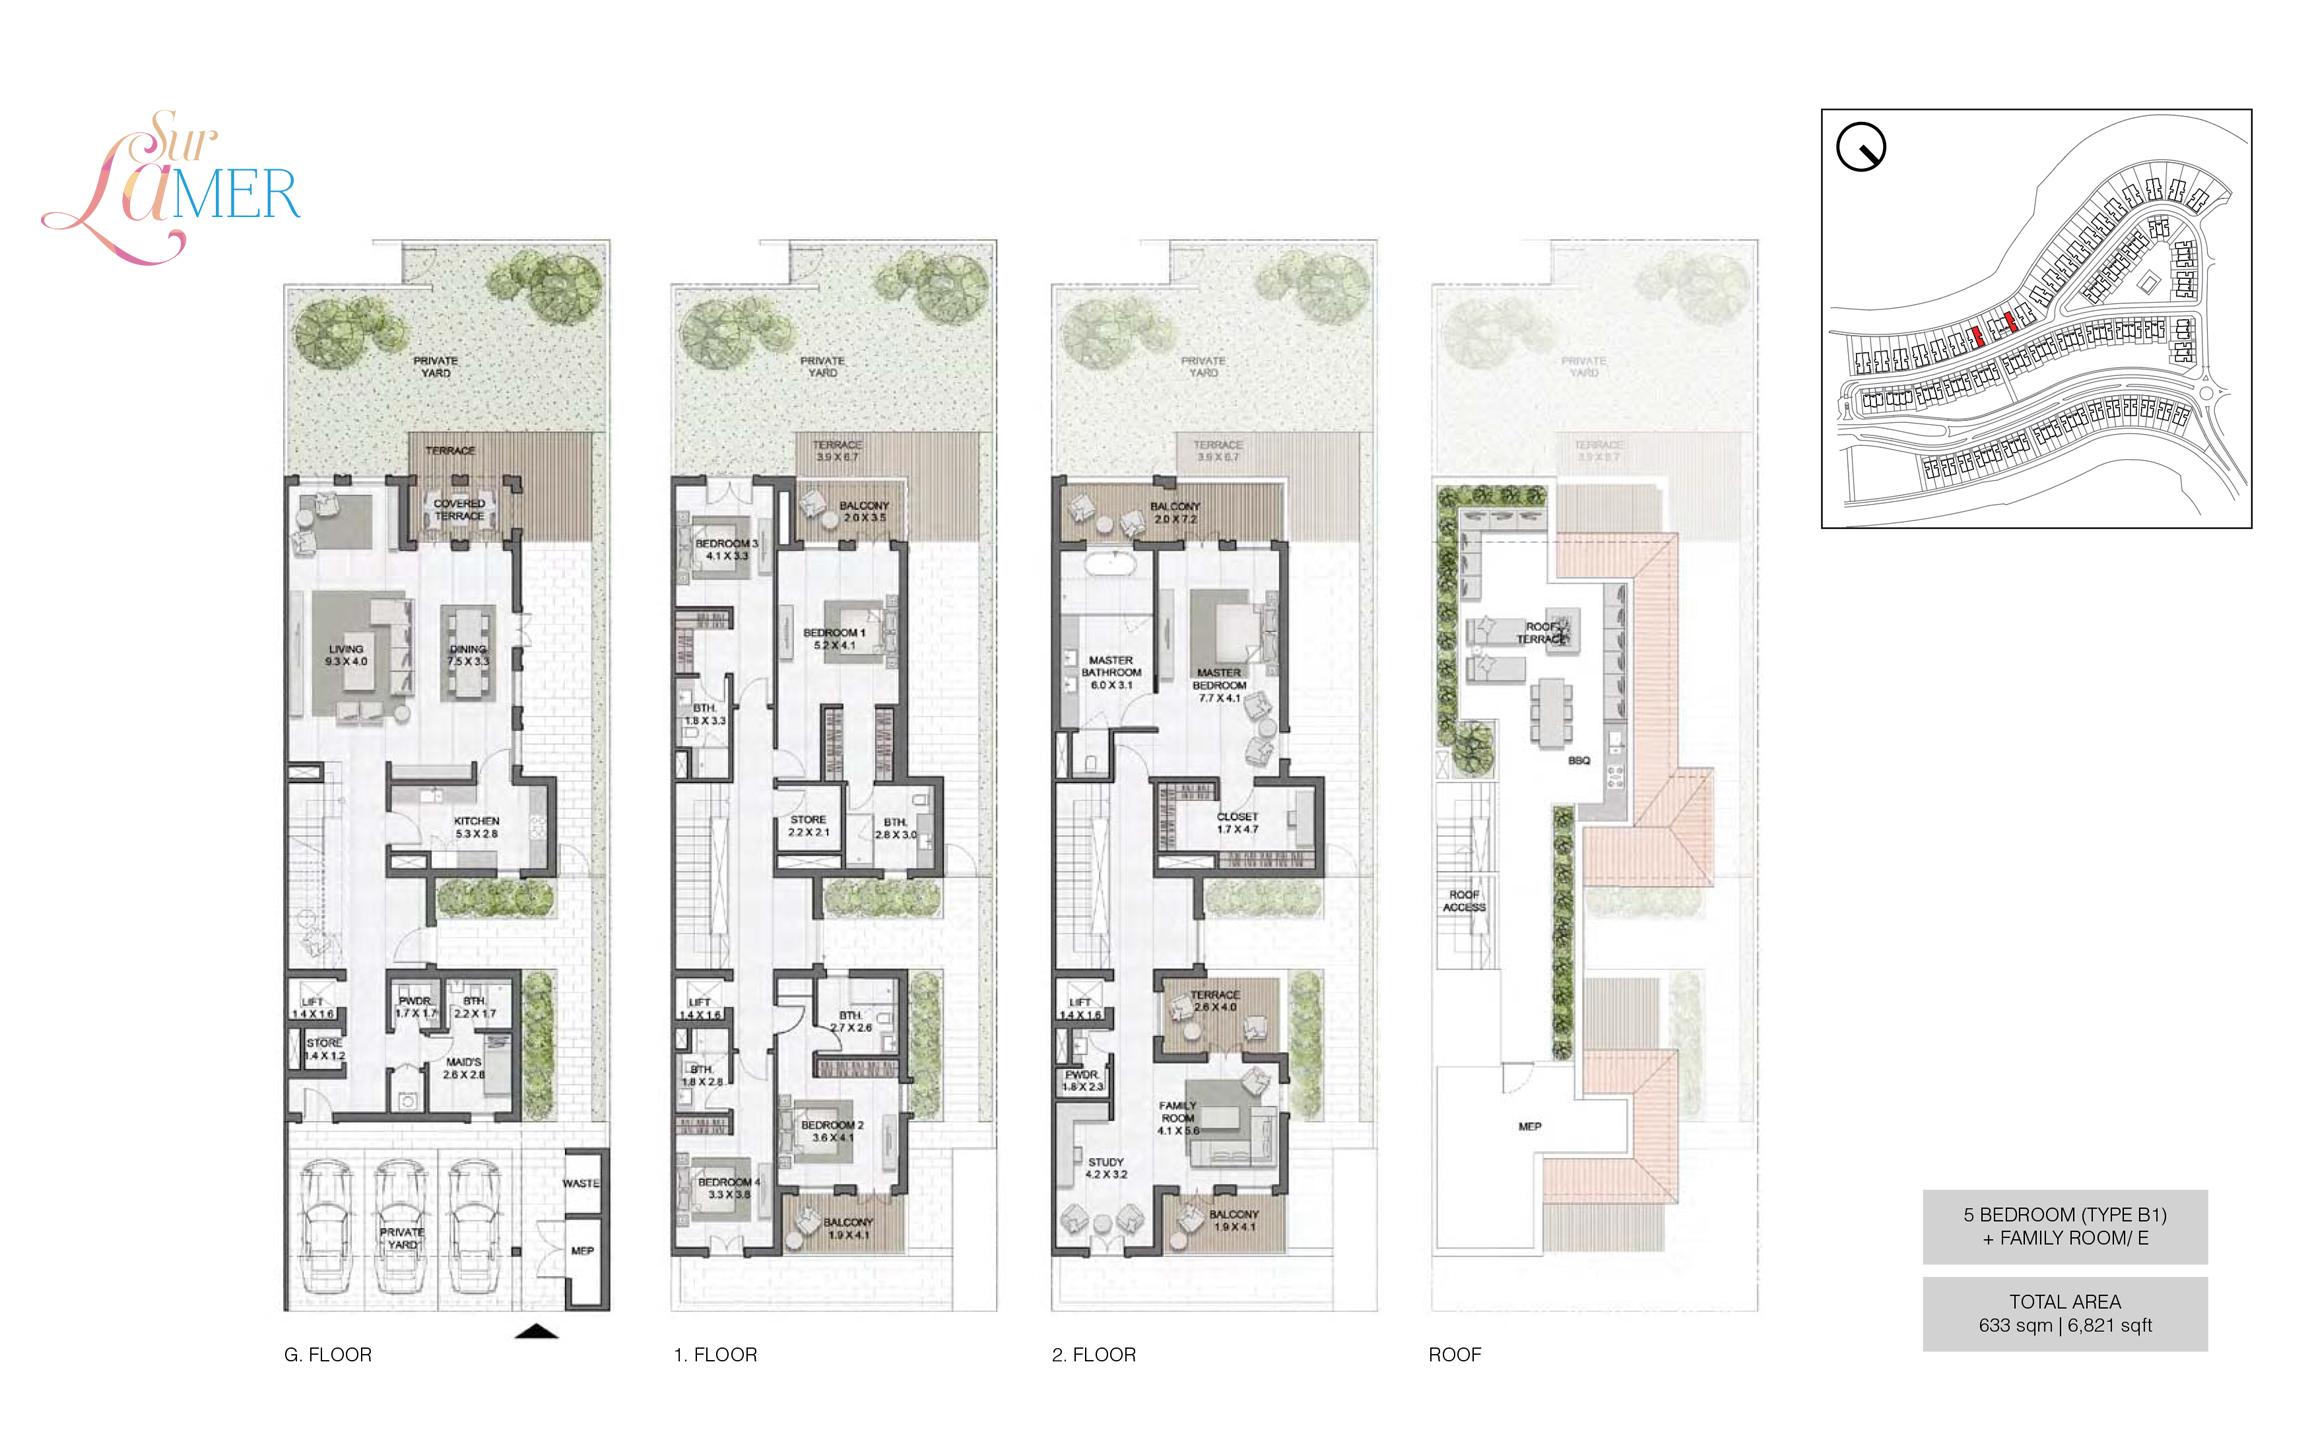 5 Bedroom Type B1, Szie 6821 sq.ft